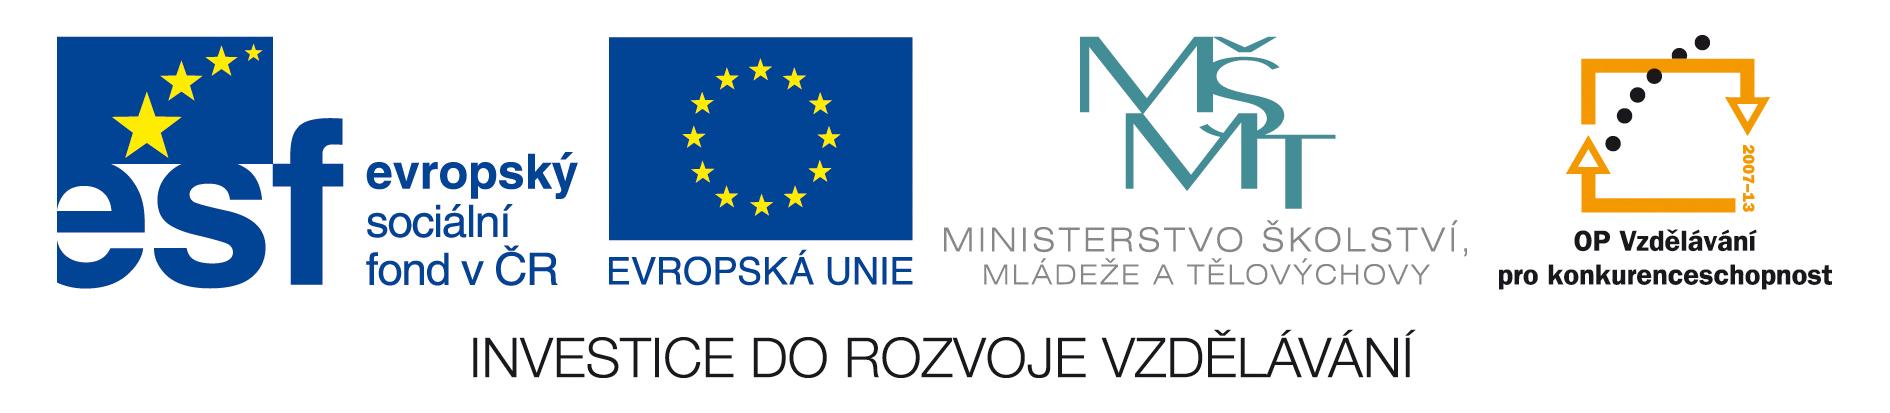 opvk-hor-zakladni-logolink-rgb-cz.jpg